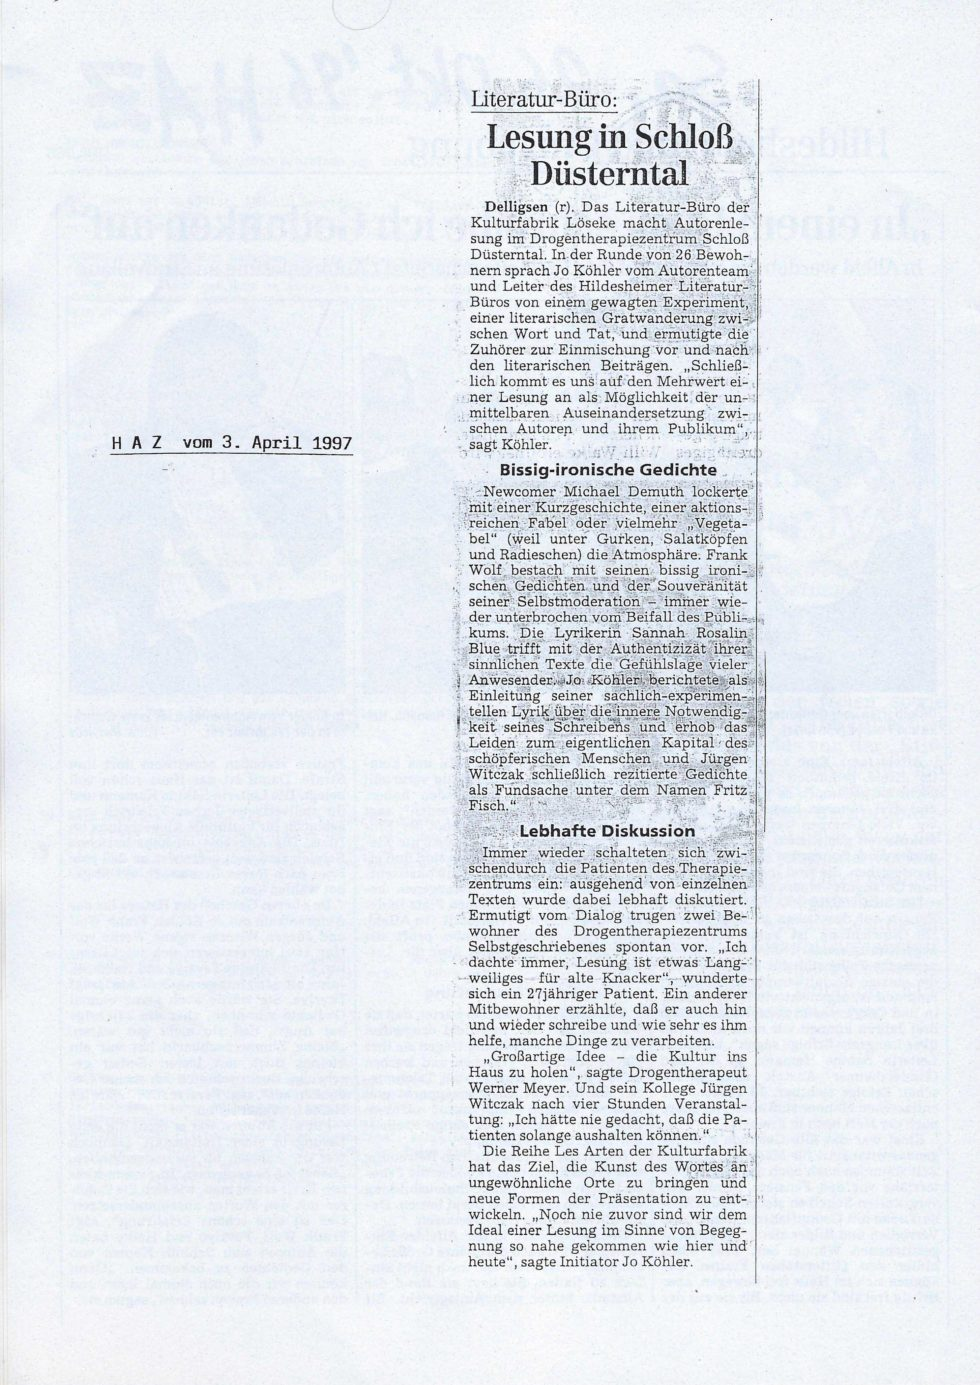 4_Weiteres_1999_DieAnstaltslesungen